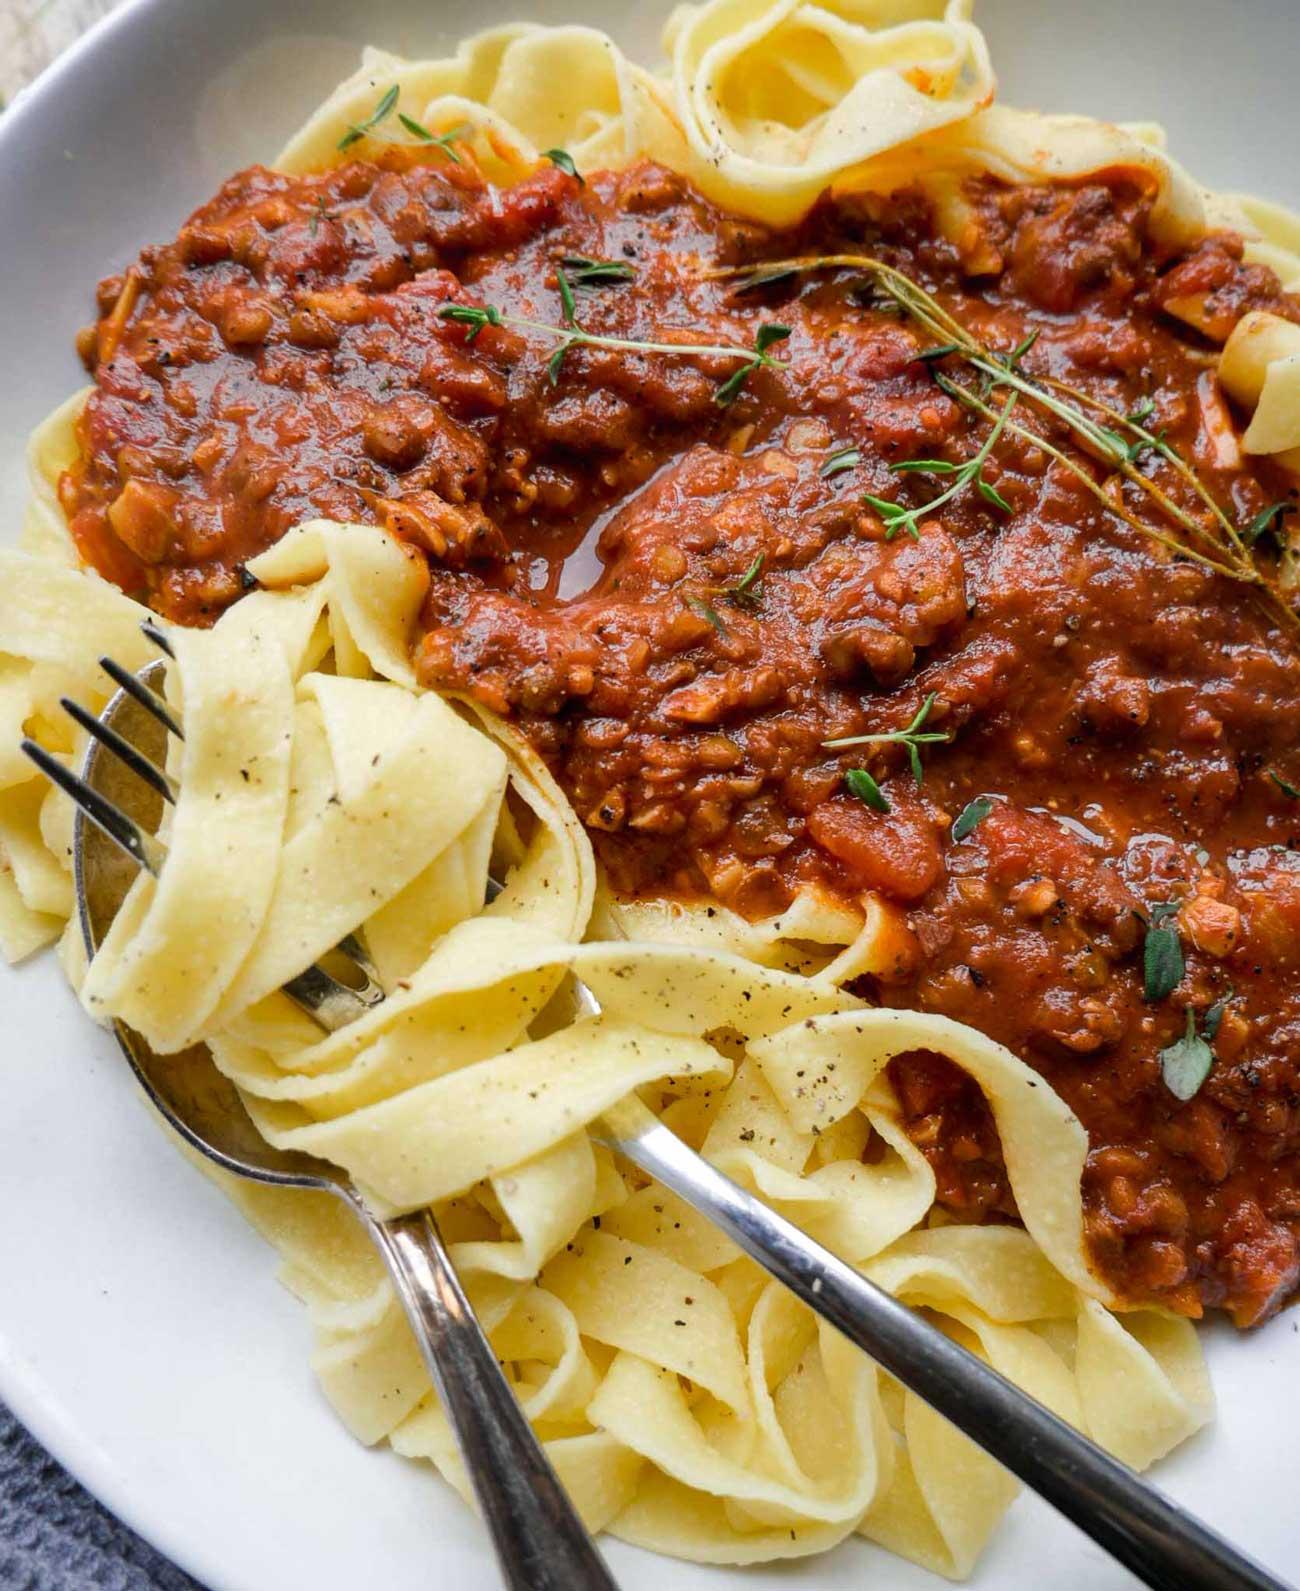 nem vegetar pasta kødsovs uden kød til veganere og vegetarer